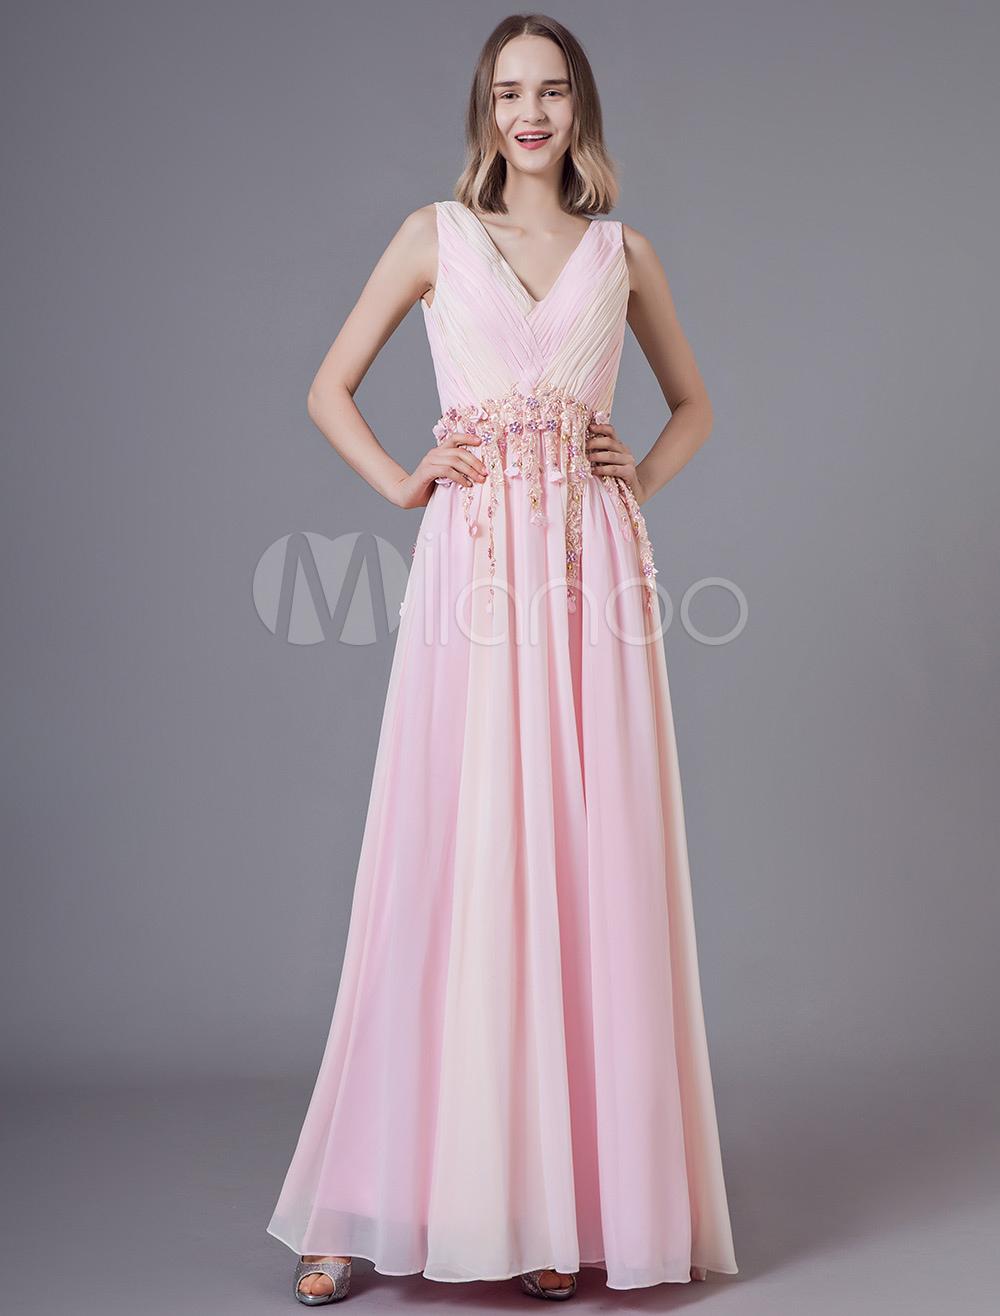 ea0bd385144 Платья для выпускного вечера Мягкие розовые длинные шифоновые бисерные 3D  цветы плиссированные V-образным вырезом ...